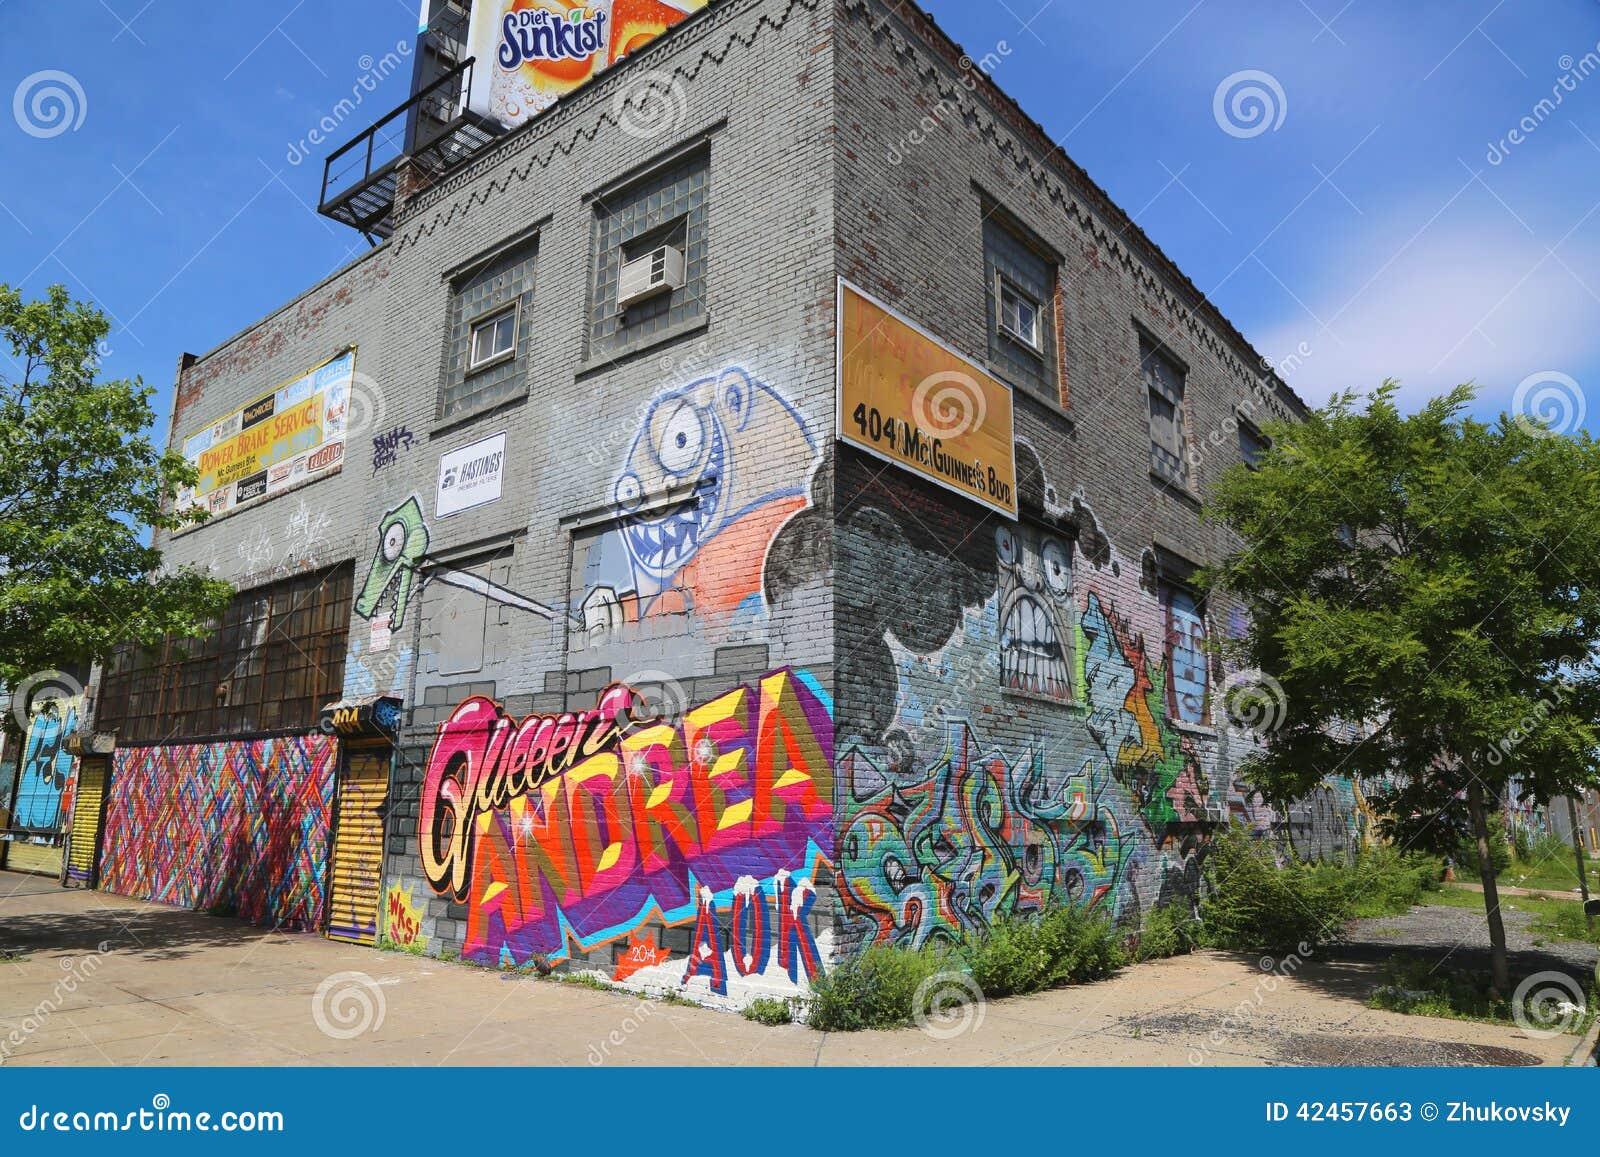 Gebäude bedeckt mit Wandgemälden und Graffiti in Williamsburg-Abschnitt in Brooklyn